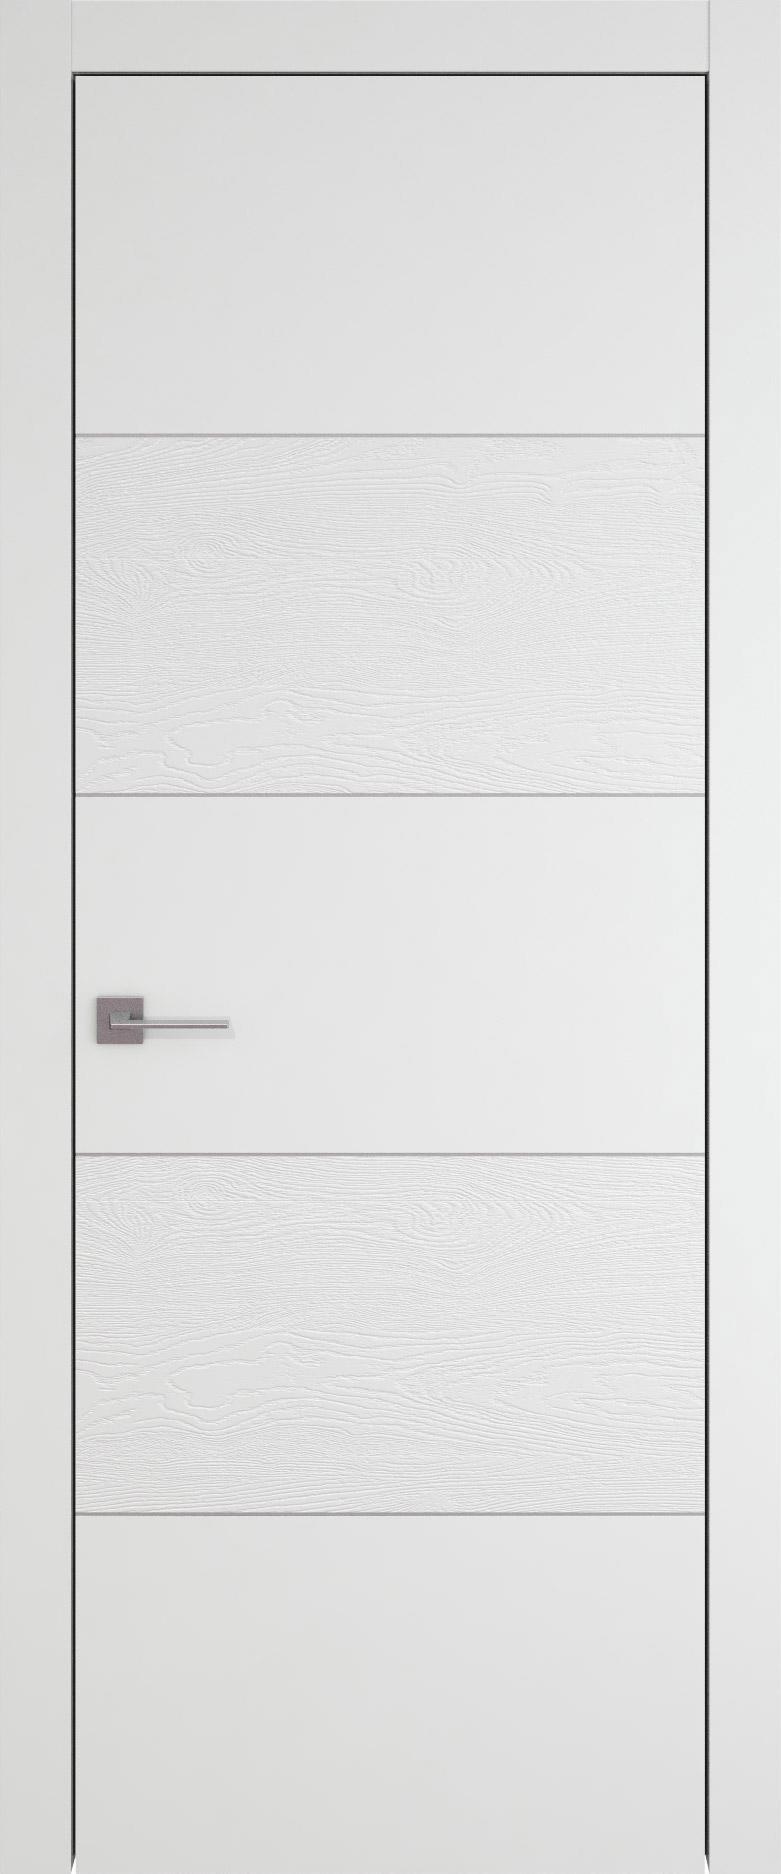 Tivoli Д-2 цвет - Белая эмаль-эмаль по шпону (RAL 9003) Без стекла (ДГ)